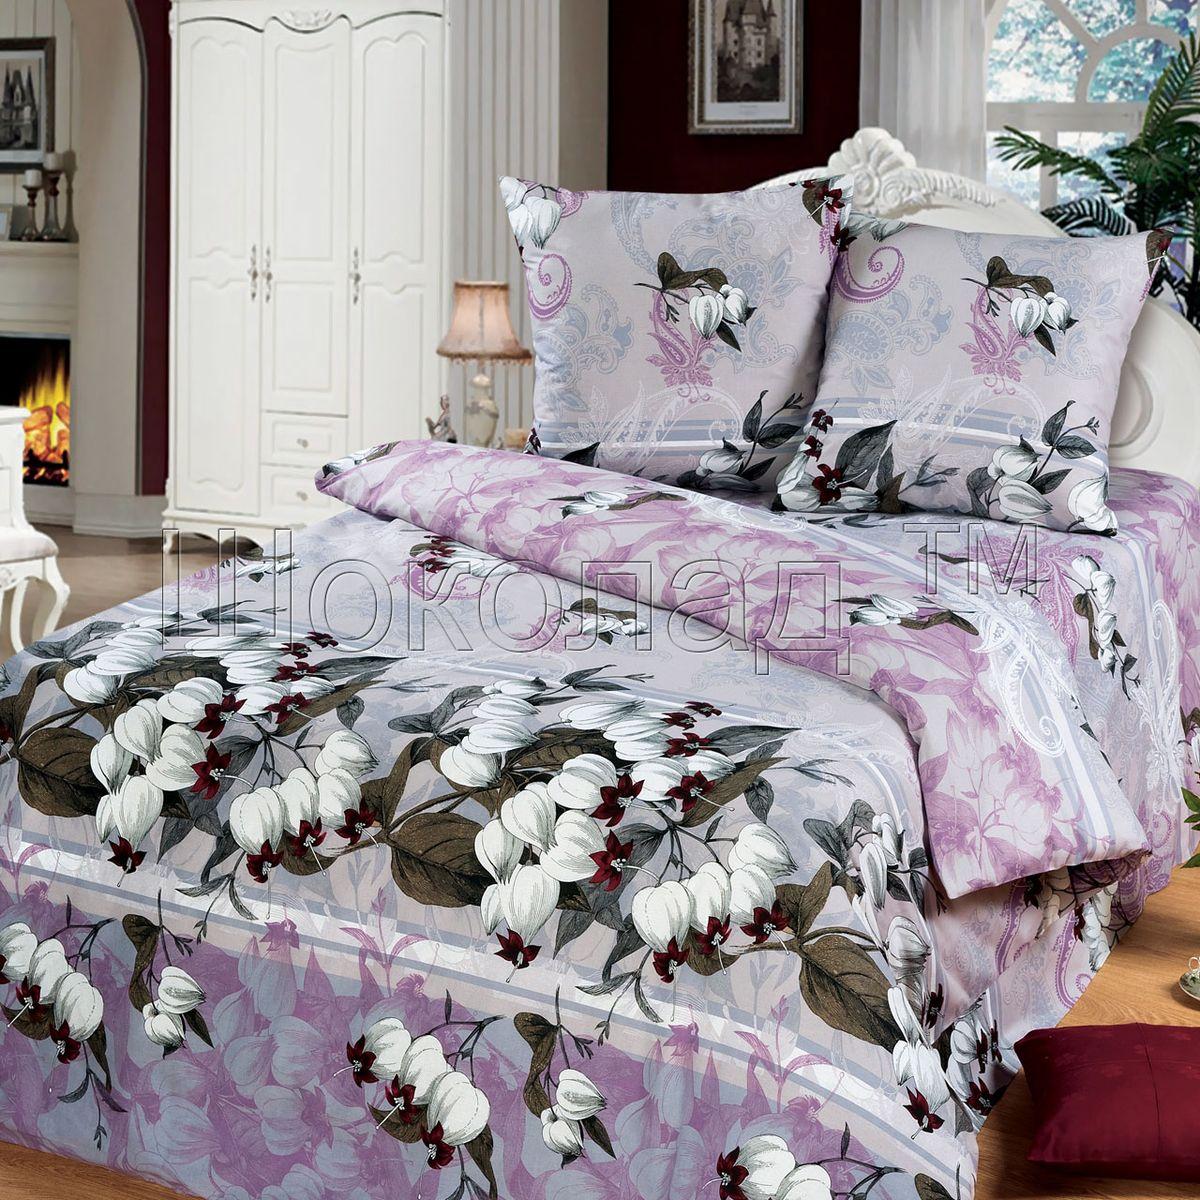 Комплект белья Шоколад Анита, 2-спальный, наволочки 70x70. Б104Б104Комплект постельного белья Шоколад  Анита является экологически безопасным для всей семьи, так как выполнен из натурального хлопка. Комплект состоит из пододеяльника, простыни и двух наволочек. Постельное белье оформлено оригинальным рисунком и имеет изысканный внешний вид.Бязь - это ткань полотняного переплетения, изготовленная из экологически чистого и натурального 100% хлопка. Она прочная, мягкая, обладает низкой сминаемостью, легко стирается и хорошо гладится. Бязь прекрасно пропускает воздух и за ней легко ухаживать. При соблюдении рекомендуемых условий стирки, сушки и глажения ткань имеет усадку по ГОСТу, сохранятся яркость текстильных рисунков. Приобретая комплект постельного белья Шоколад  Анита, вы можете быть уверены в том, что покупка доставит вам и вашим близким удовольствие и подарит максимальный комфорт.